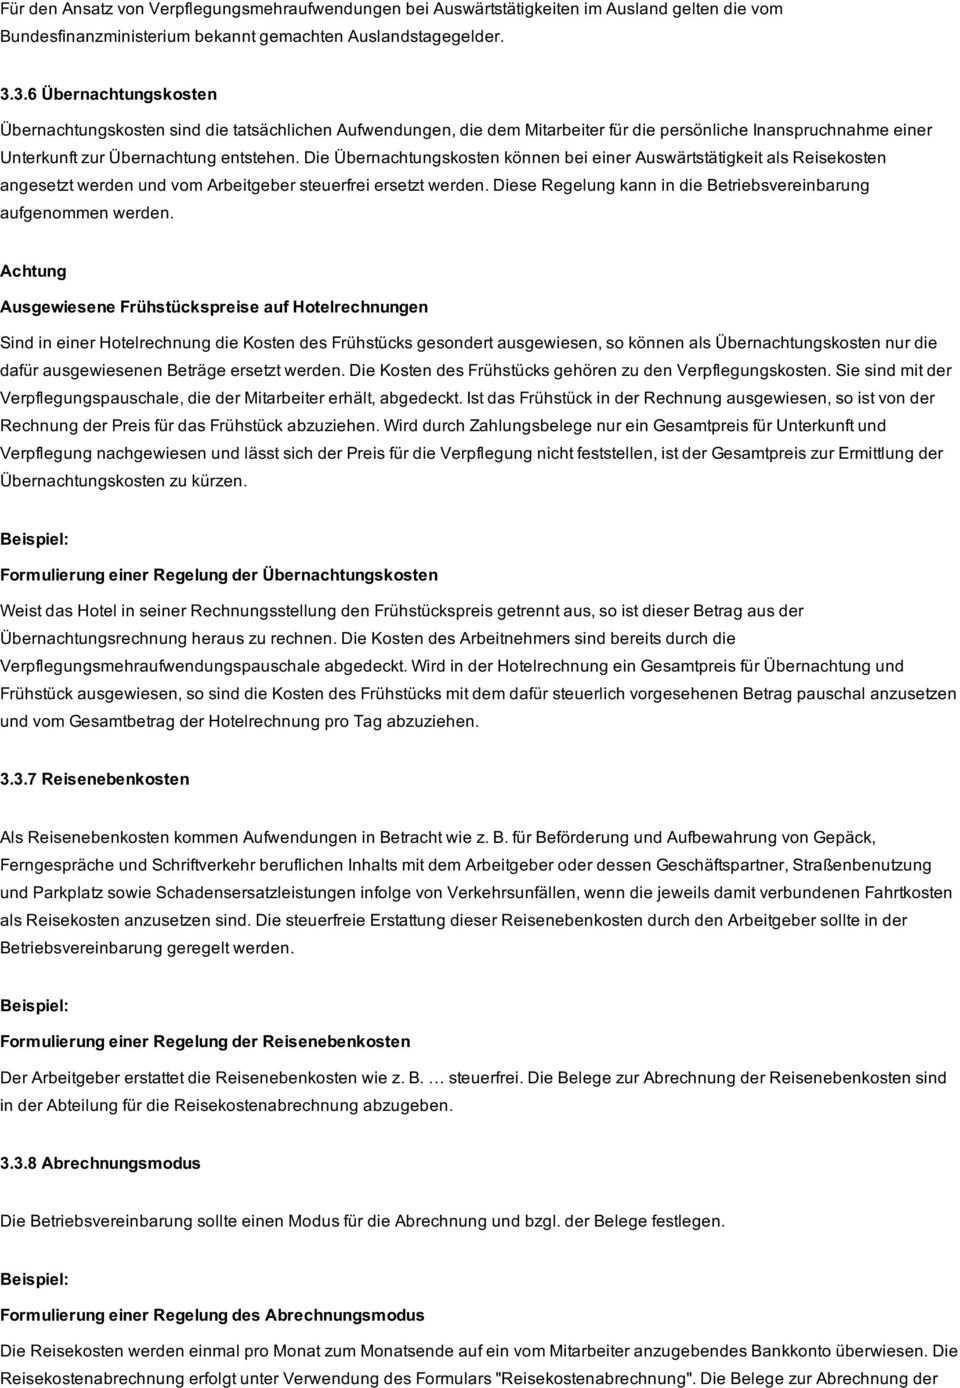 Praxisbeitrag In Sechs Schritten Zur Betriebsvereinbarung Reisekosten Li Pdf Free Download